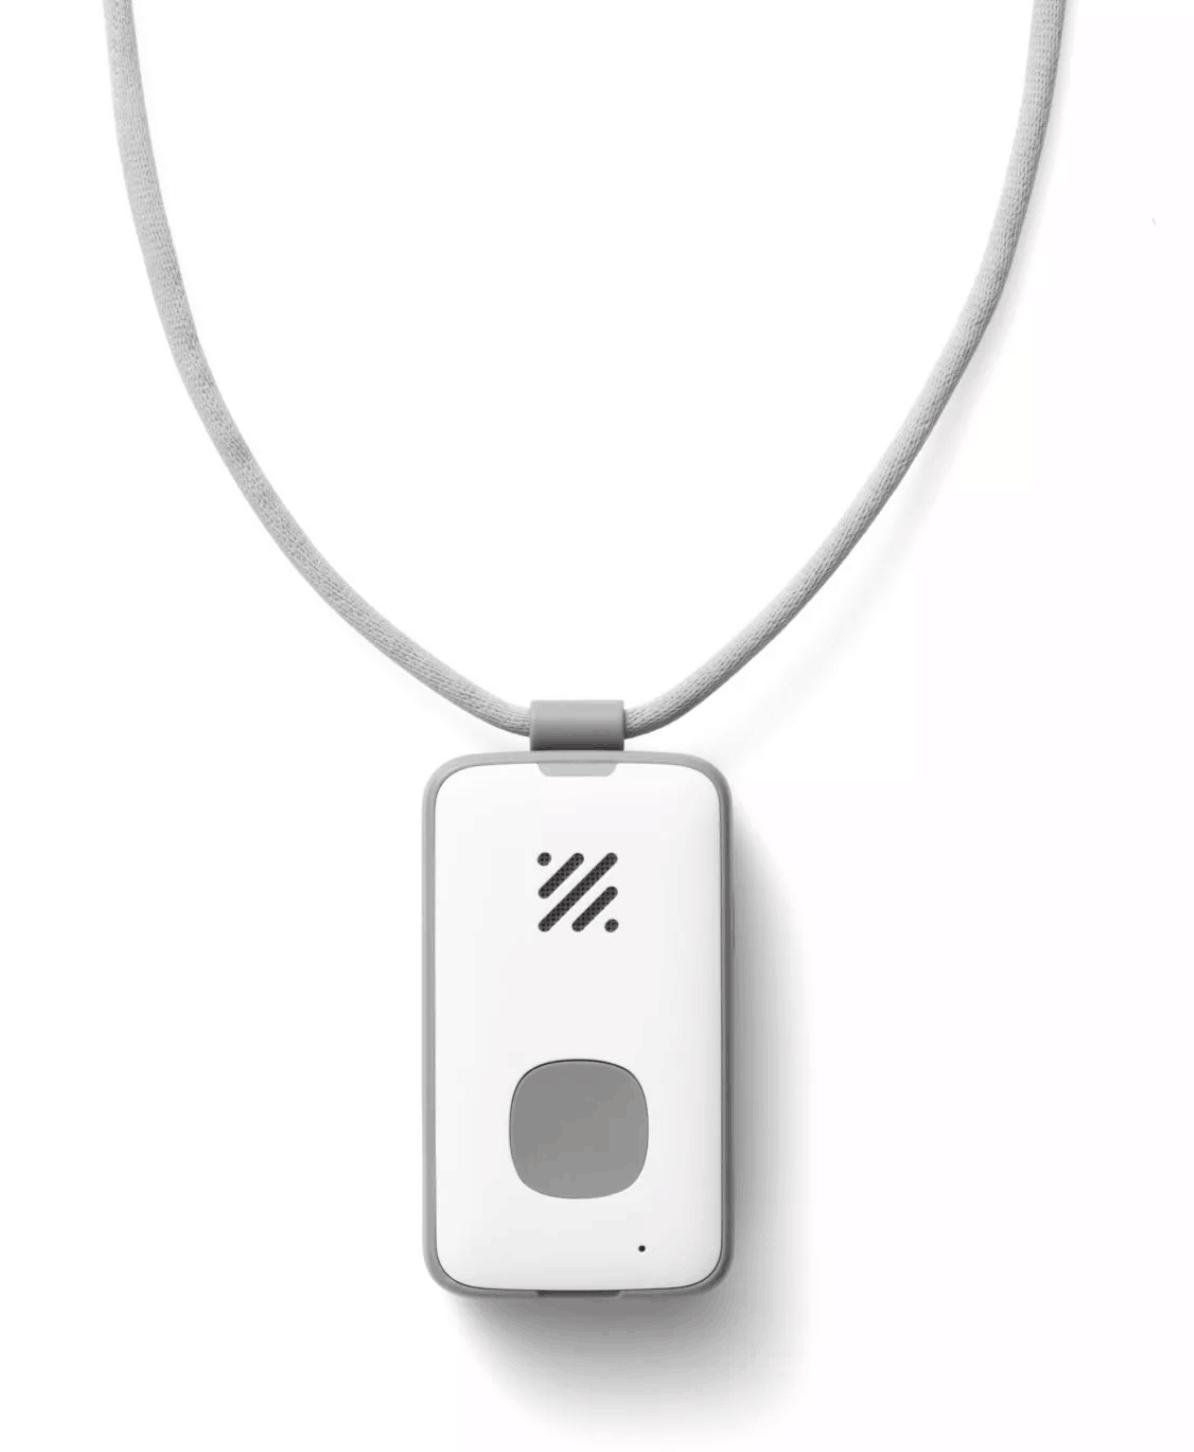 LifeStation Mobile LTE (White)